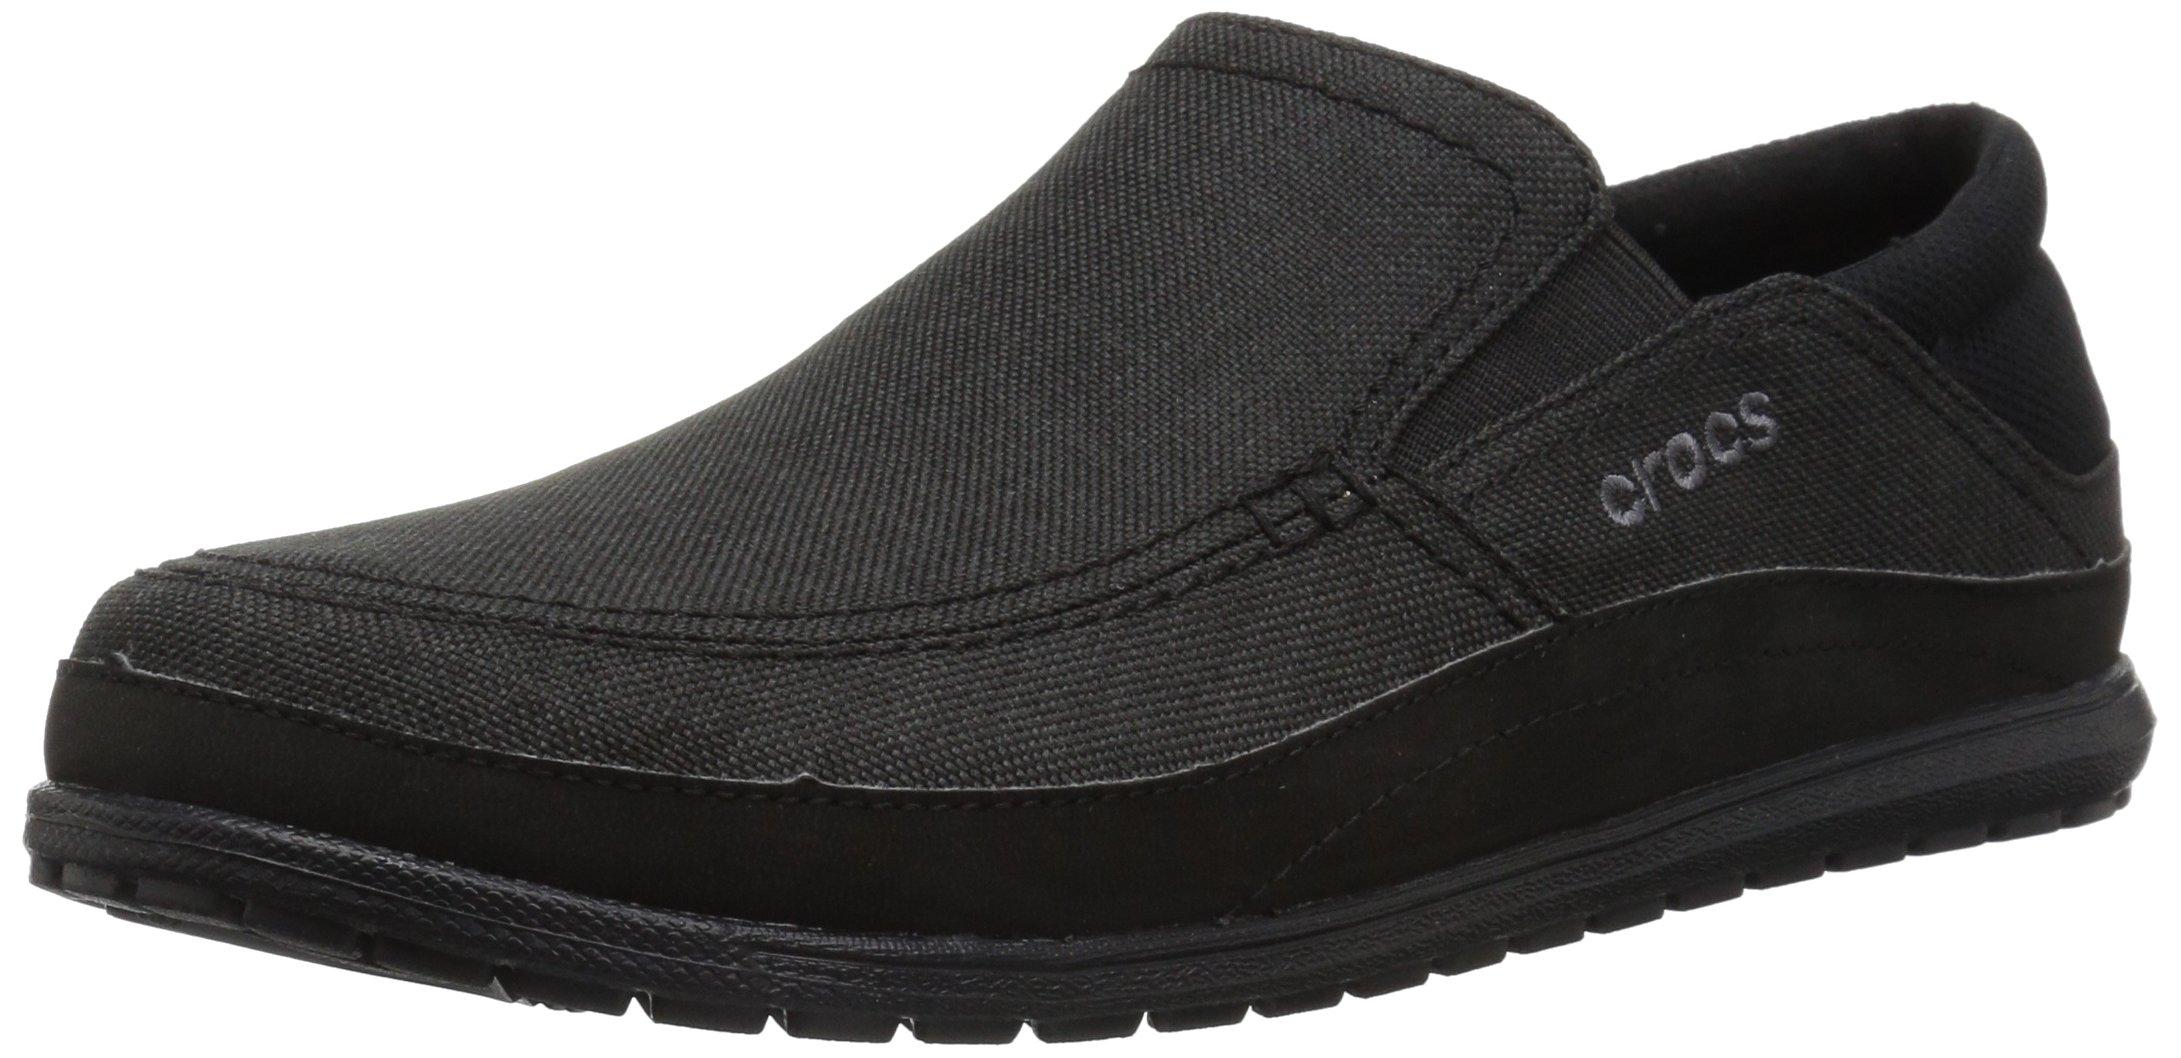 Crocs Men's Santa Cruz Playa Slip-On, Black/Black, 13 M US by Crocs